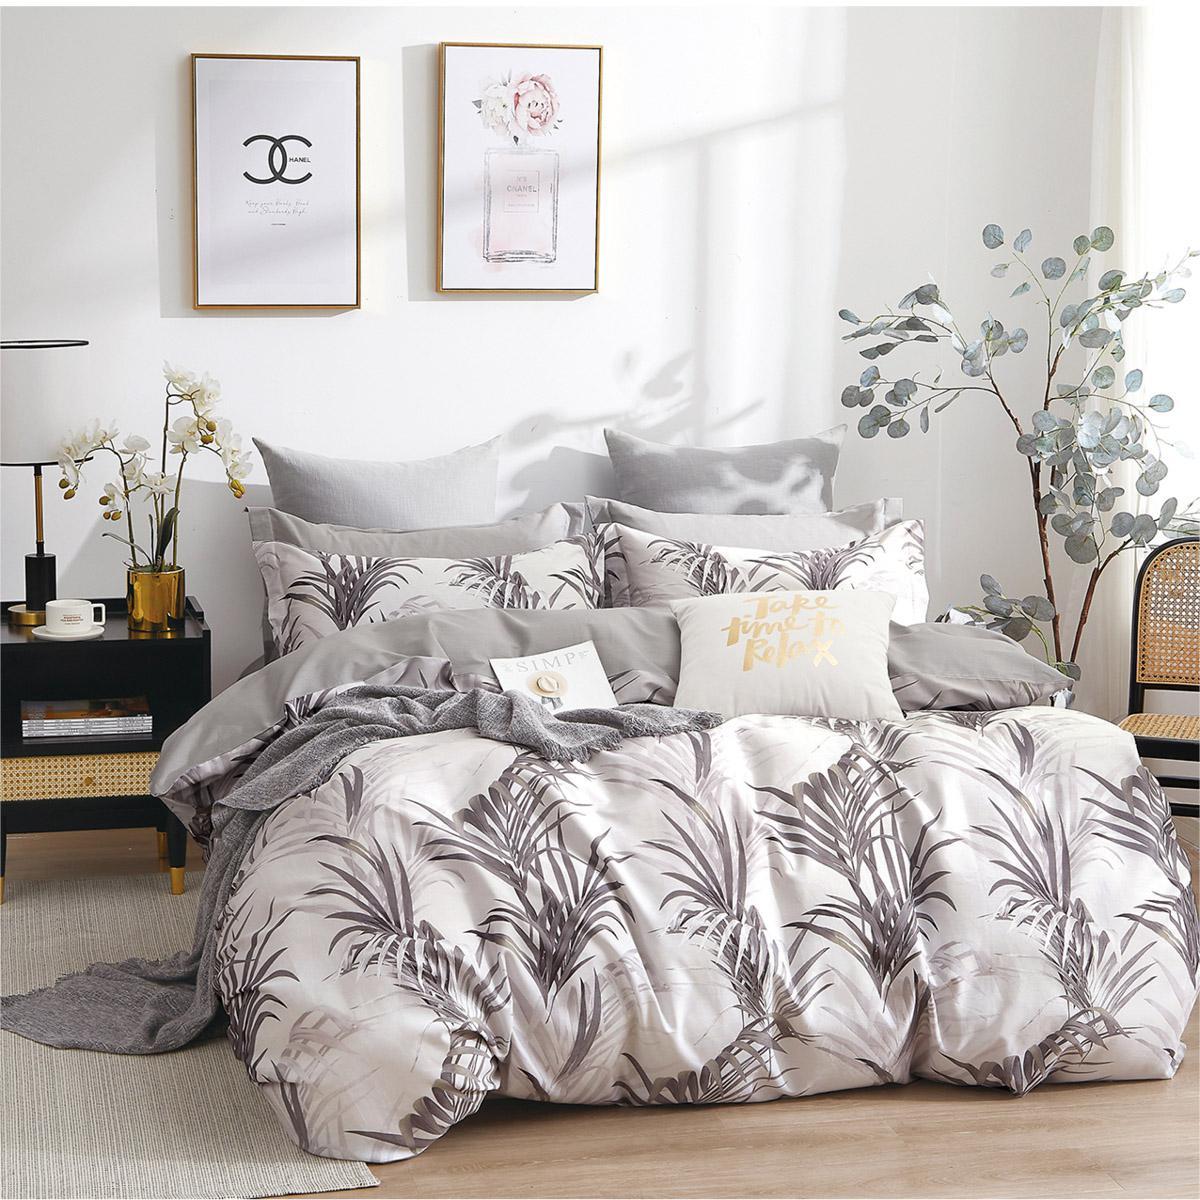 Σετ κουβερλί υπέρδιπλο Art 11017 Kingston 220×240 Εμπριμέ Beauty Home